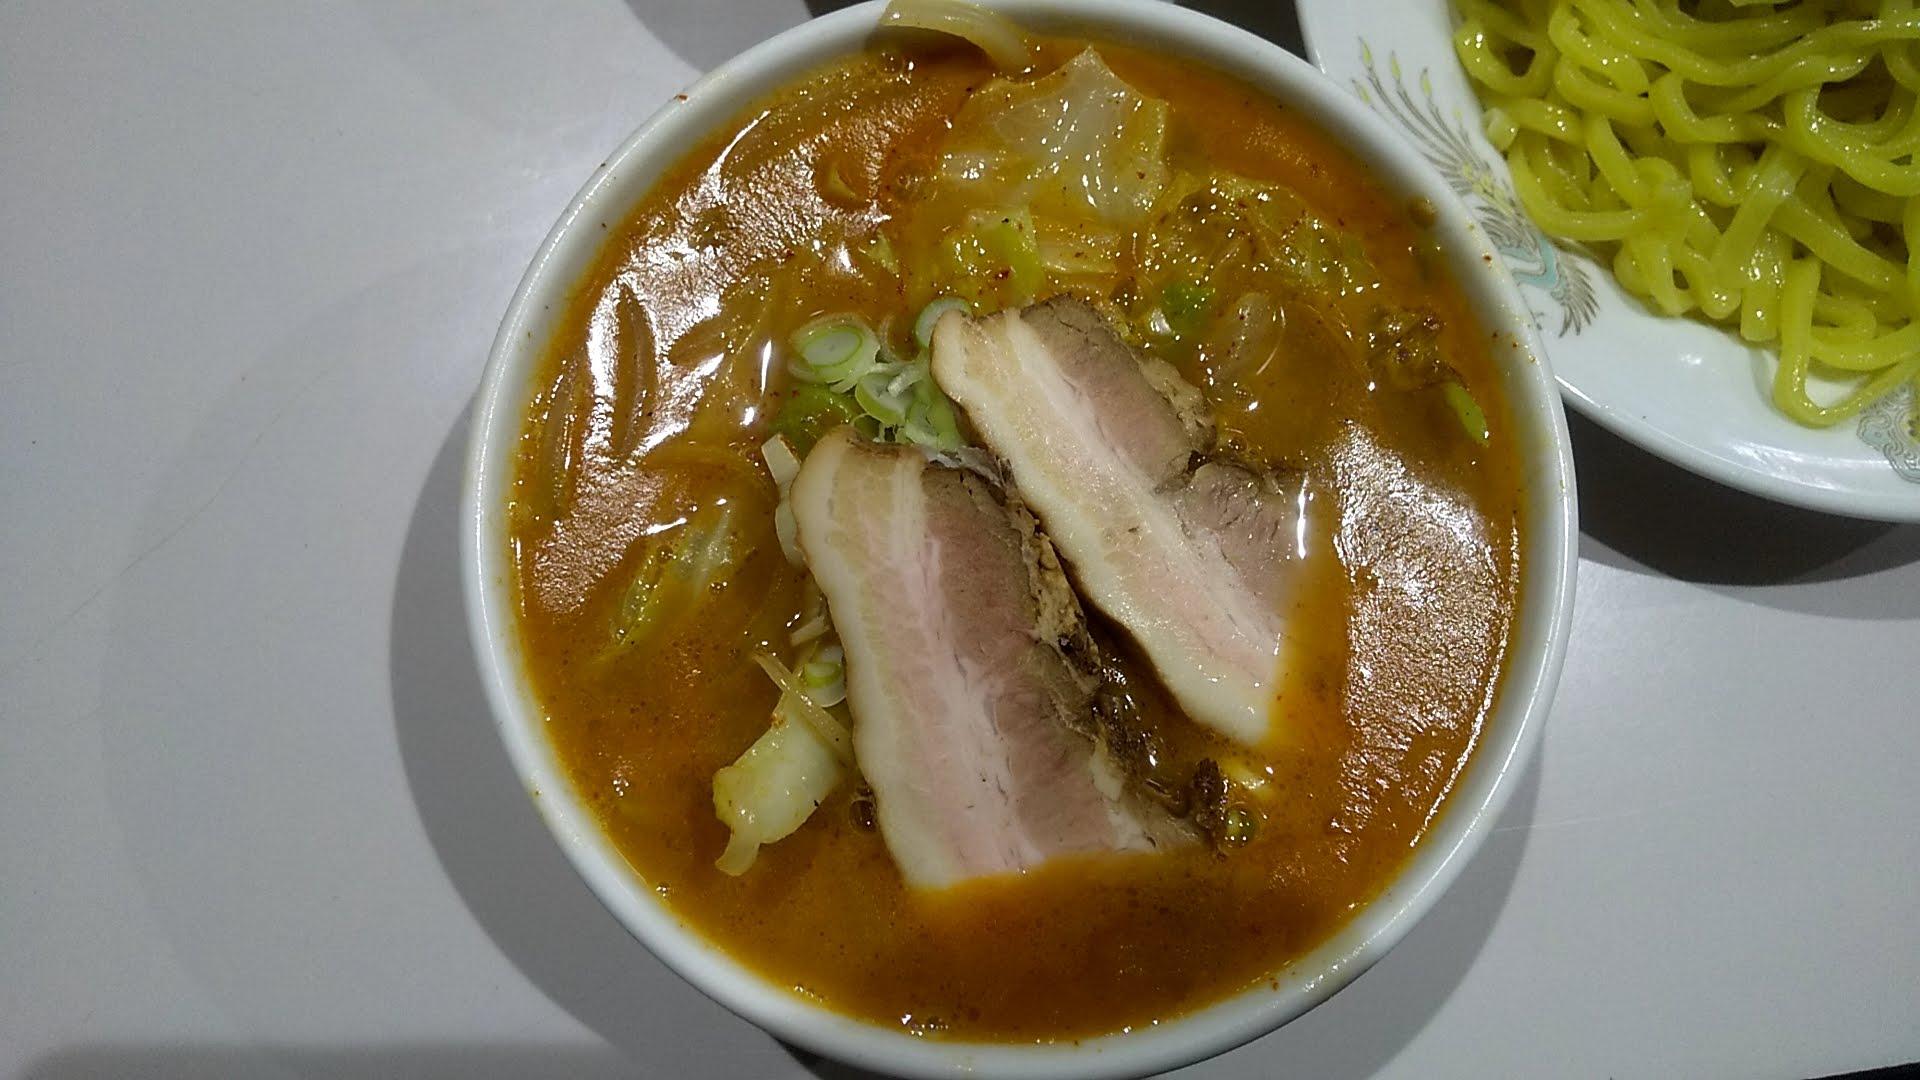 ラーメン太郎の俺様つけ麺のつけ汁写真